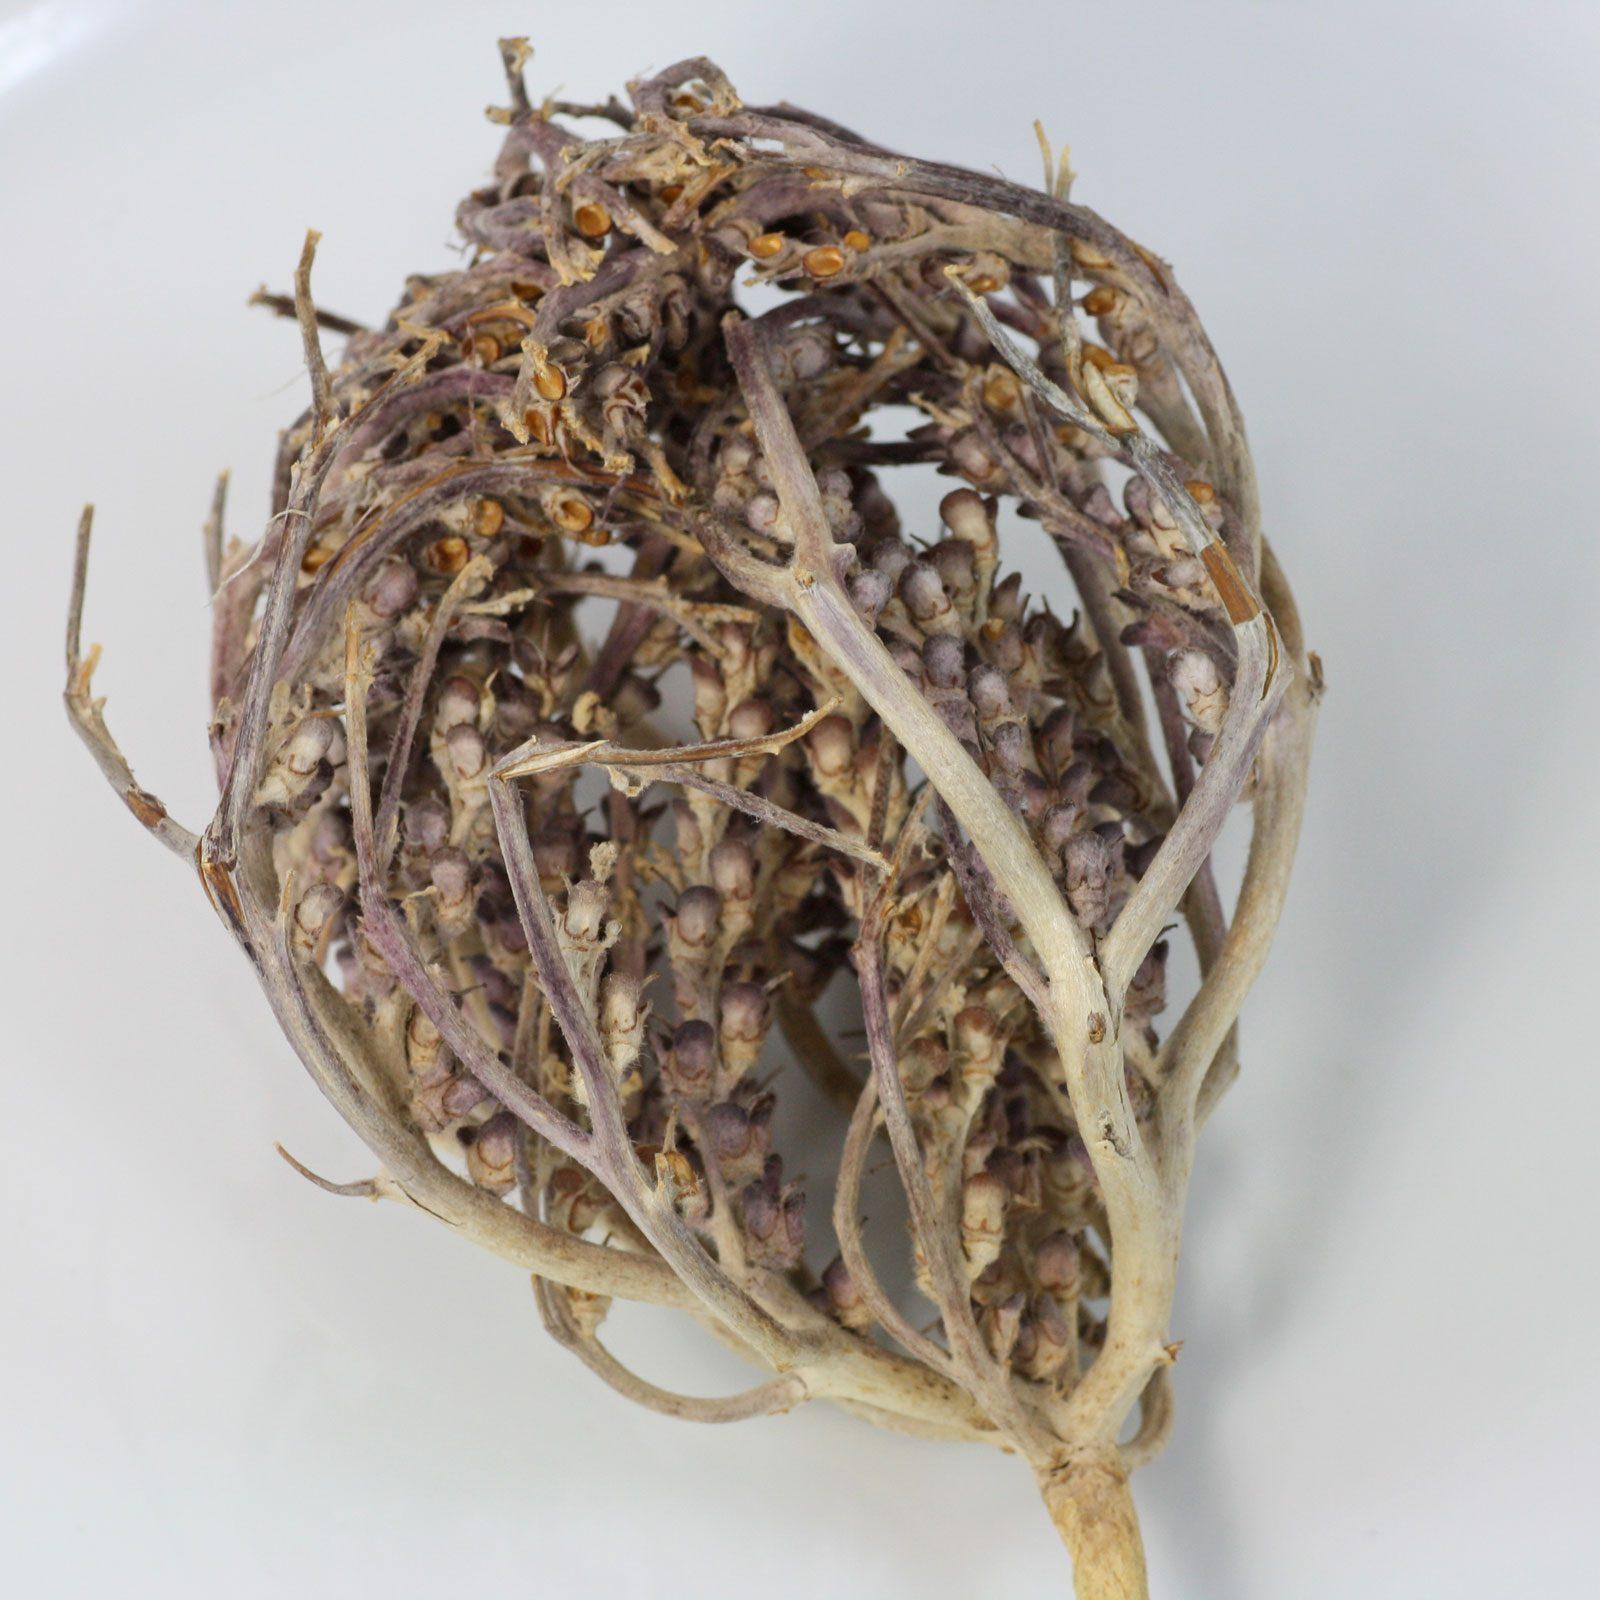 Anastatica hierochuntica